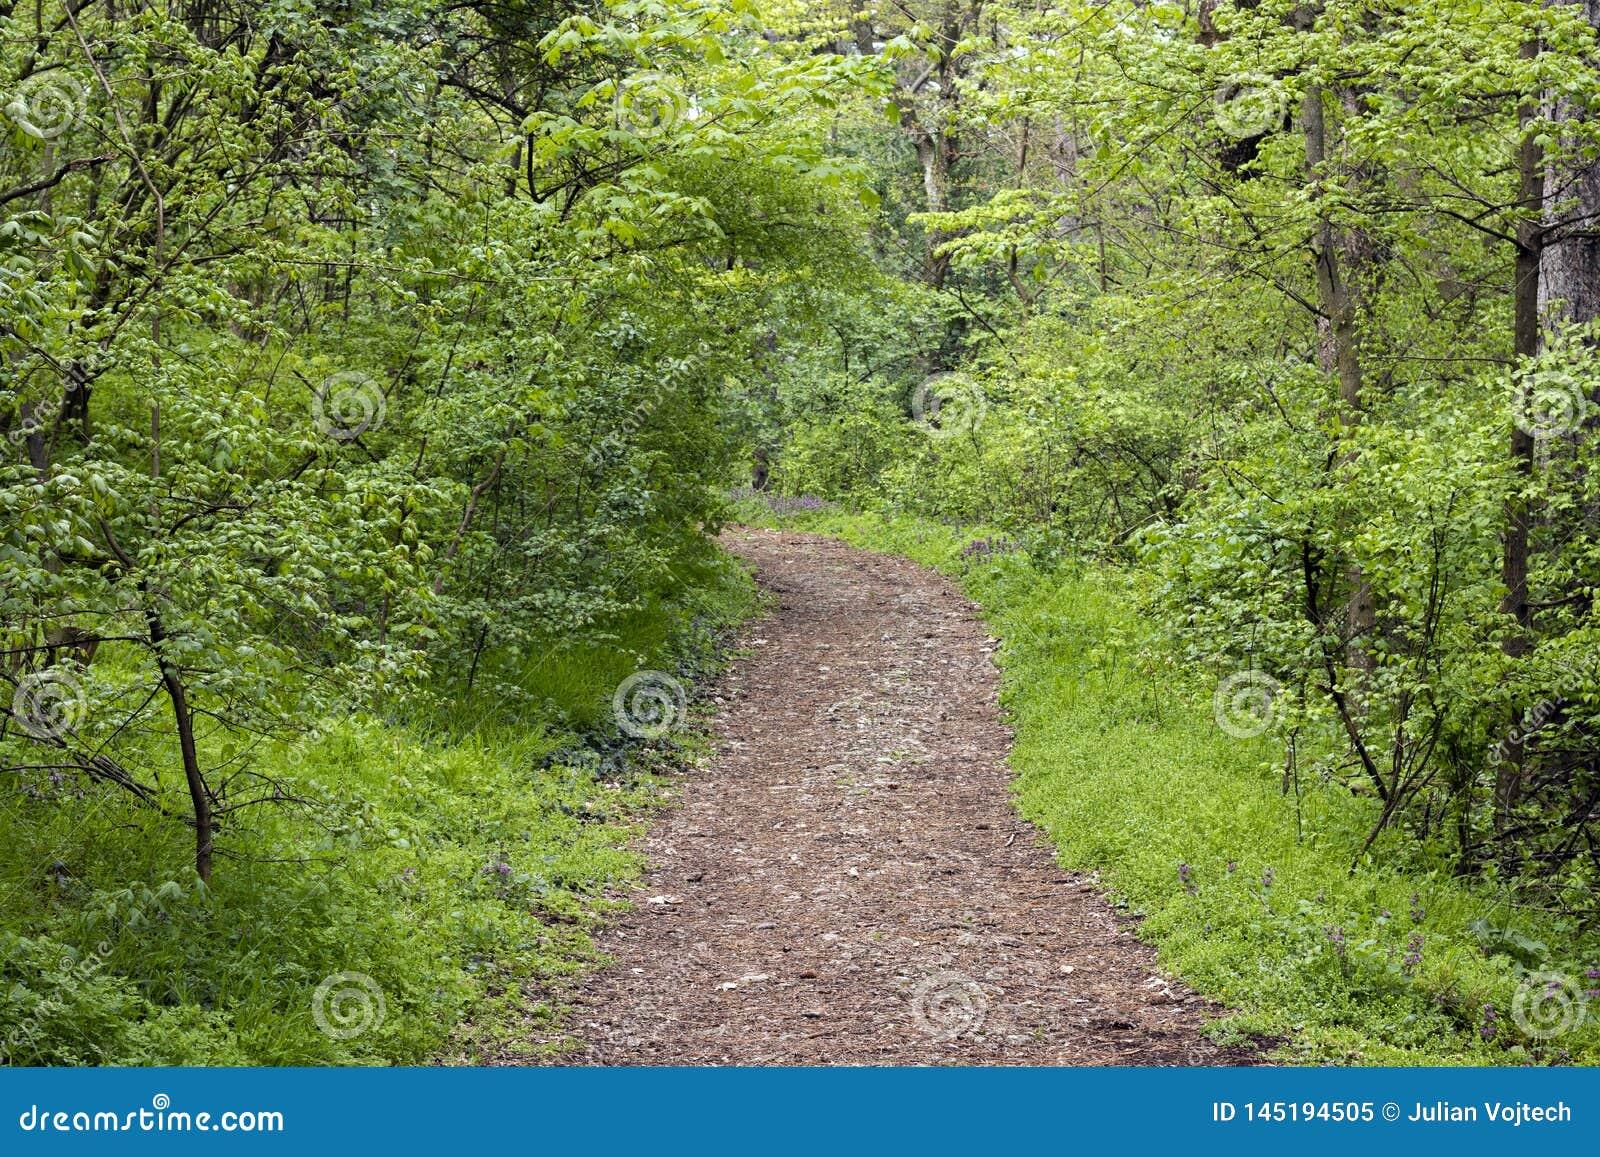 Spring Forrest Trail